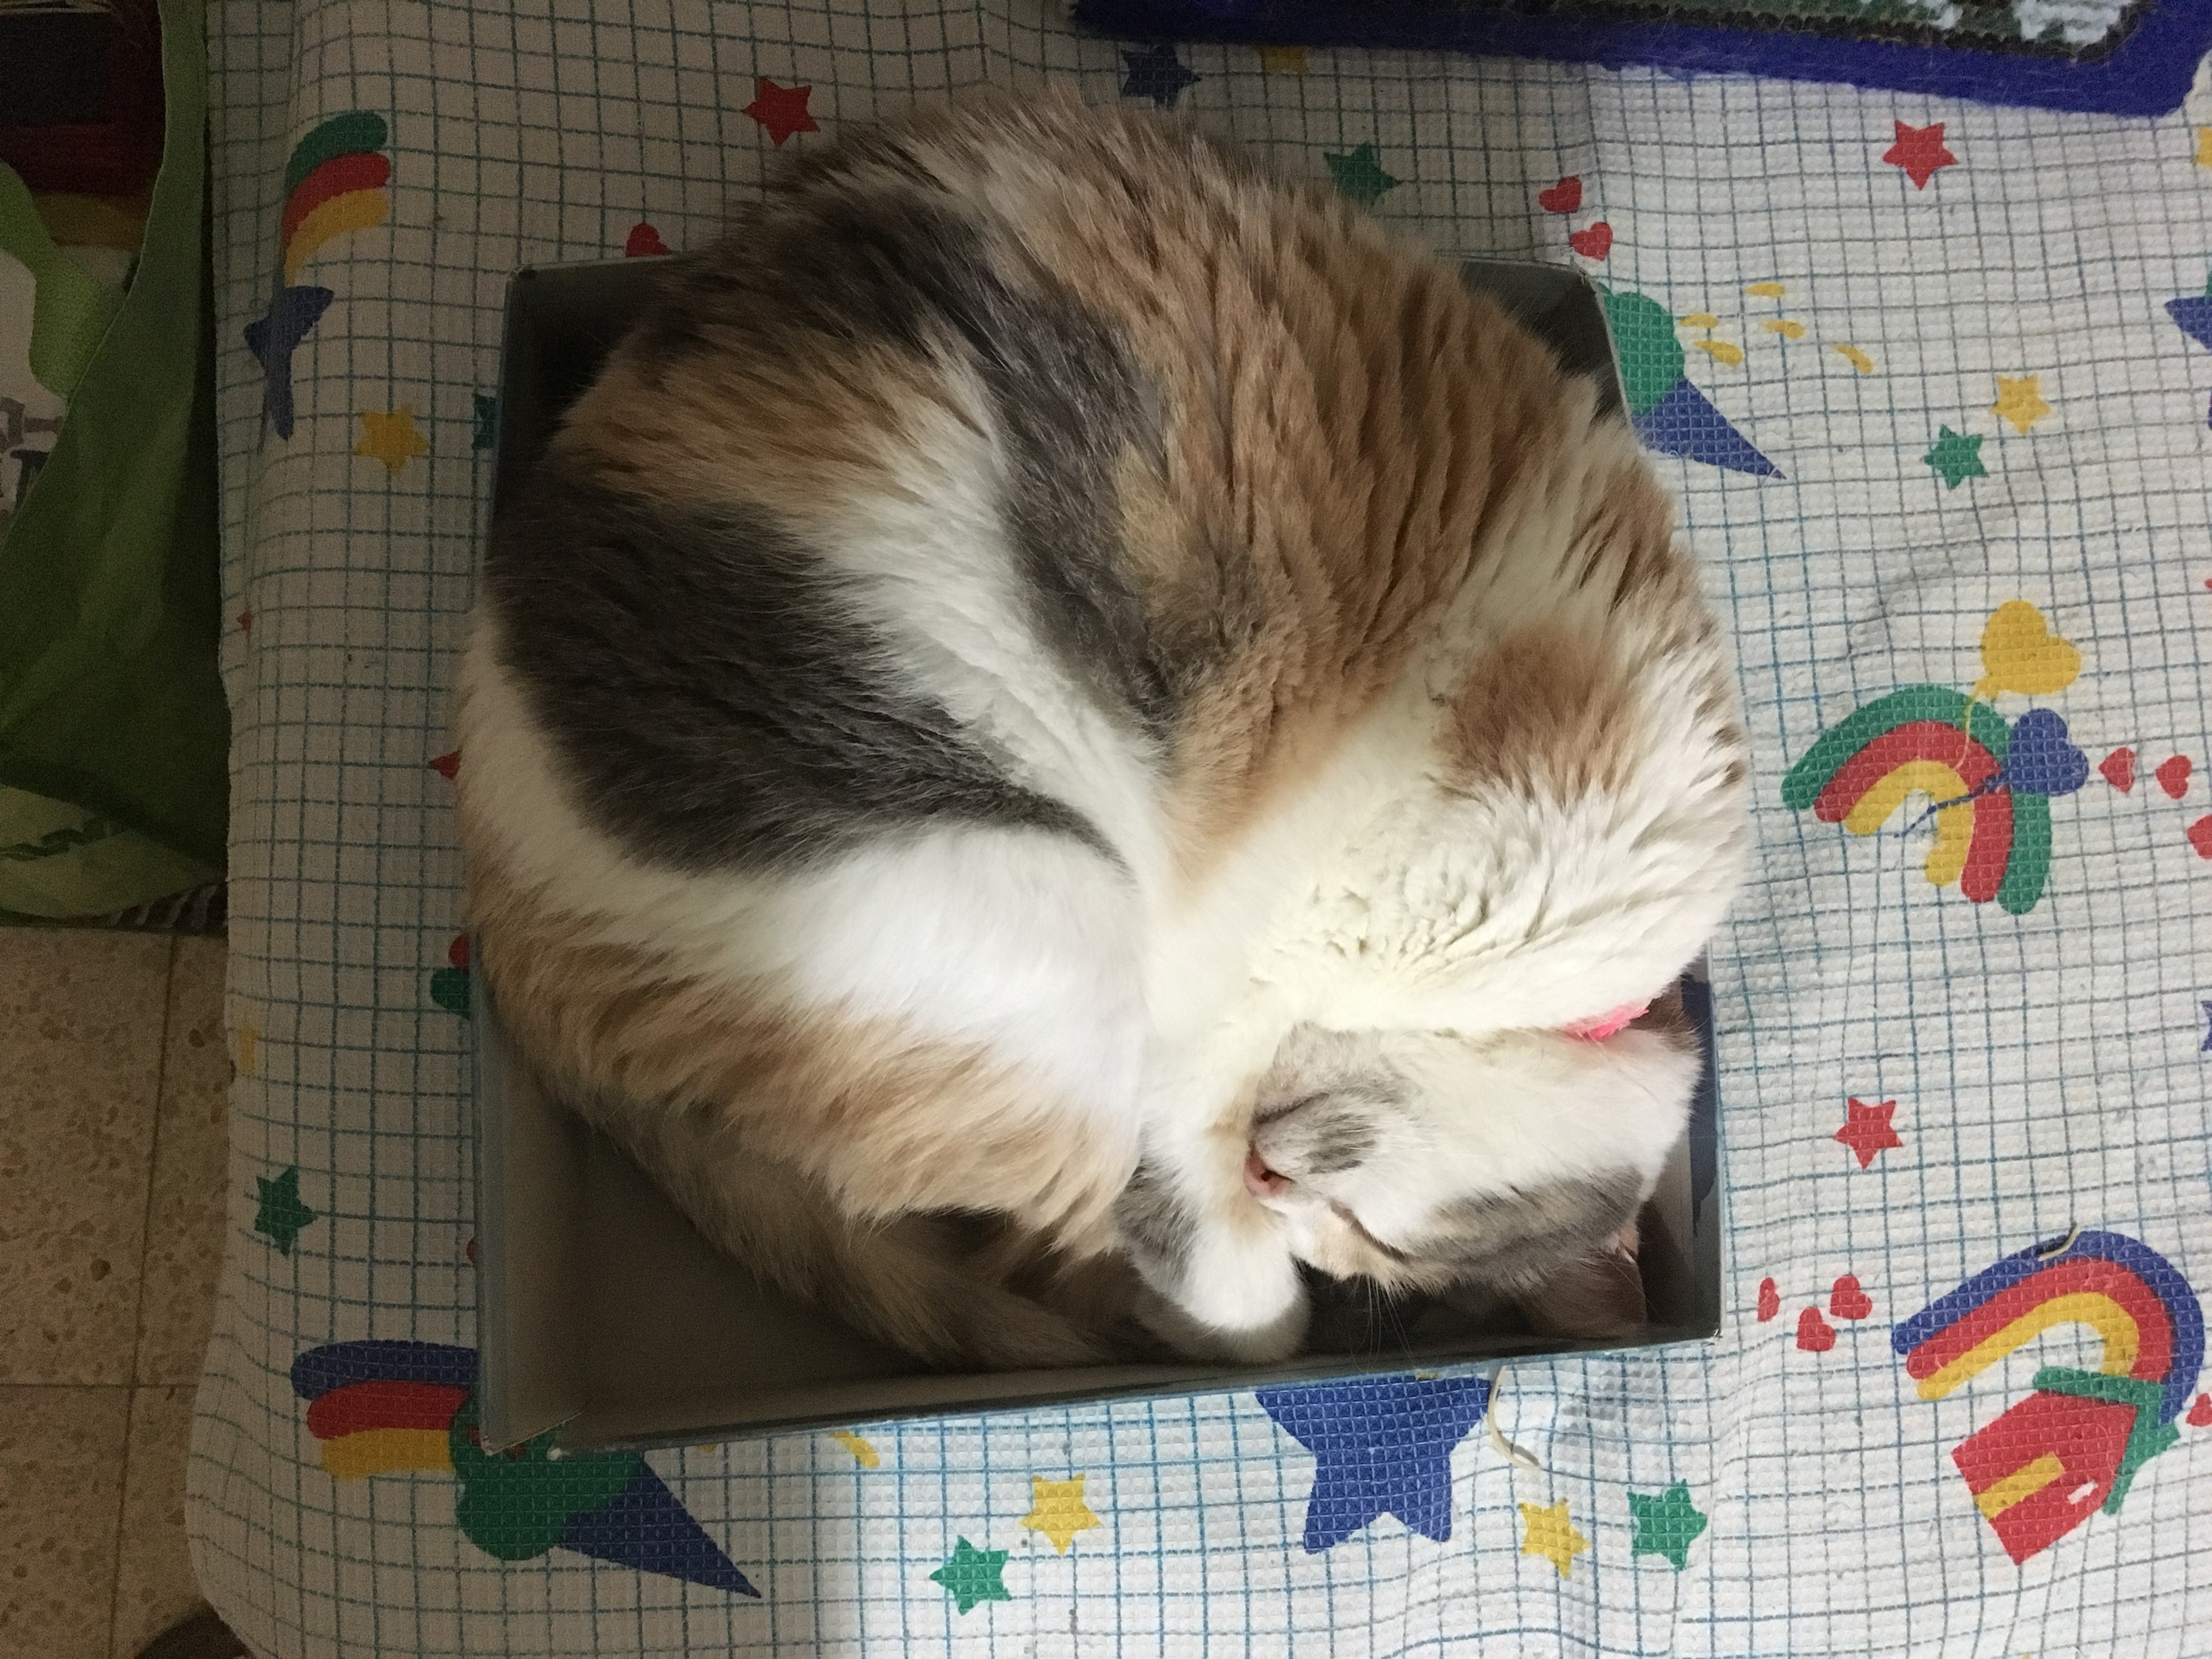 החתול שבקופסה ינצח